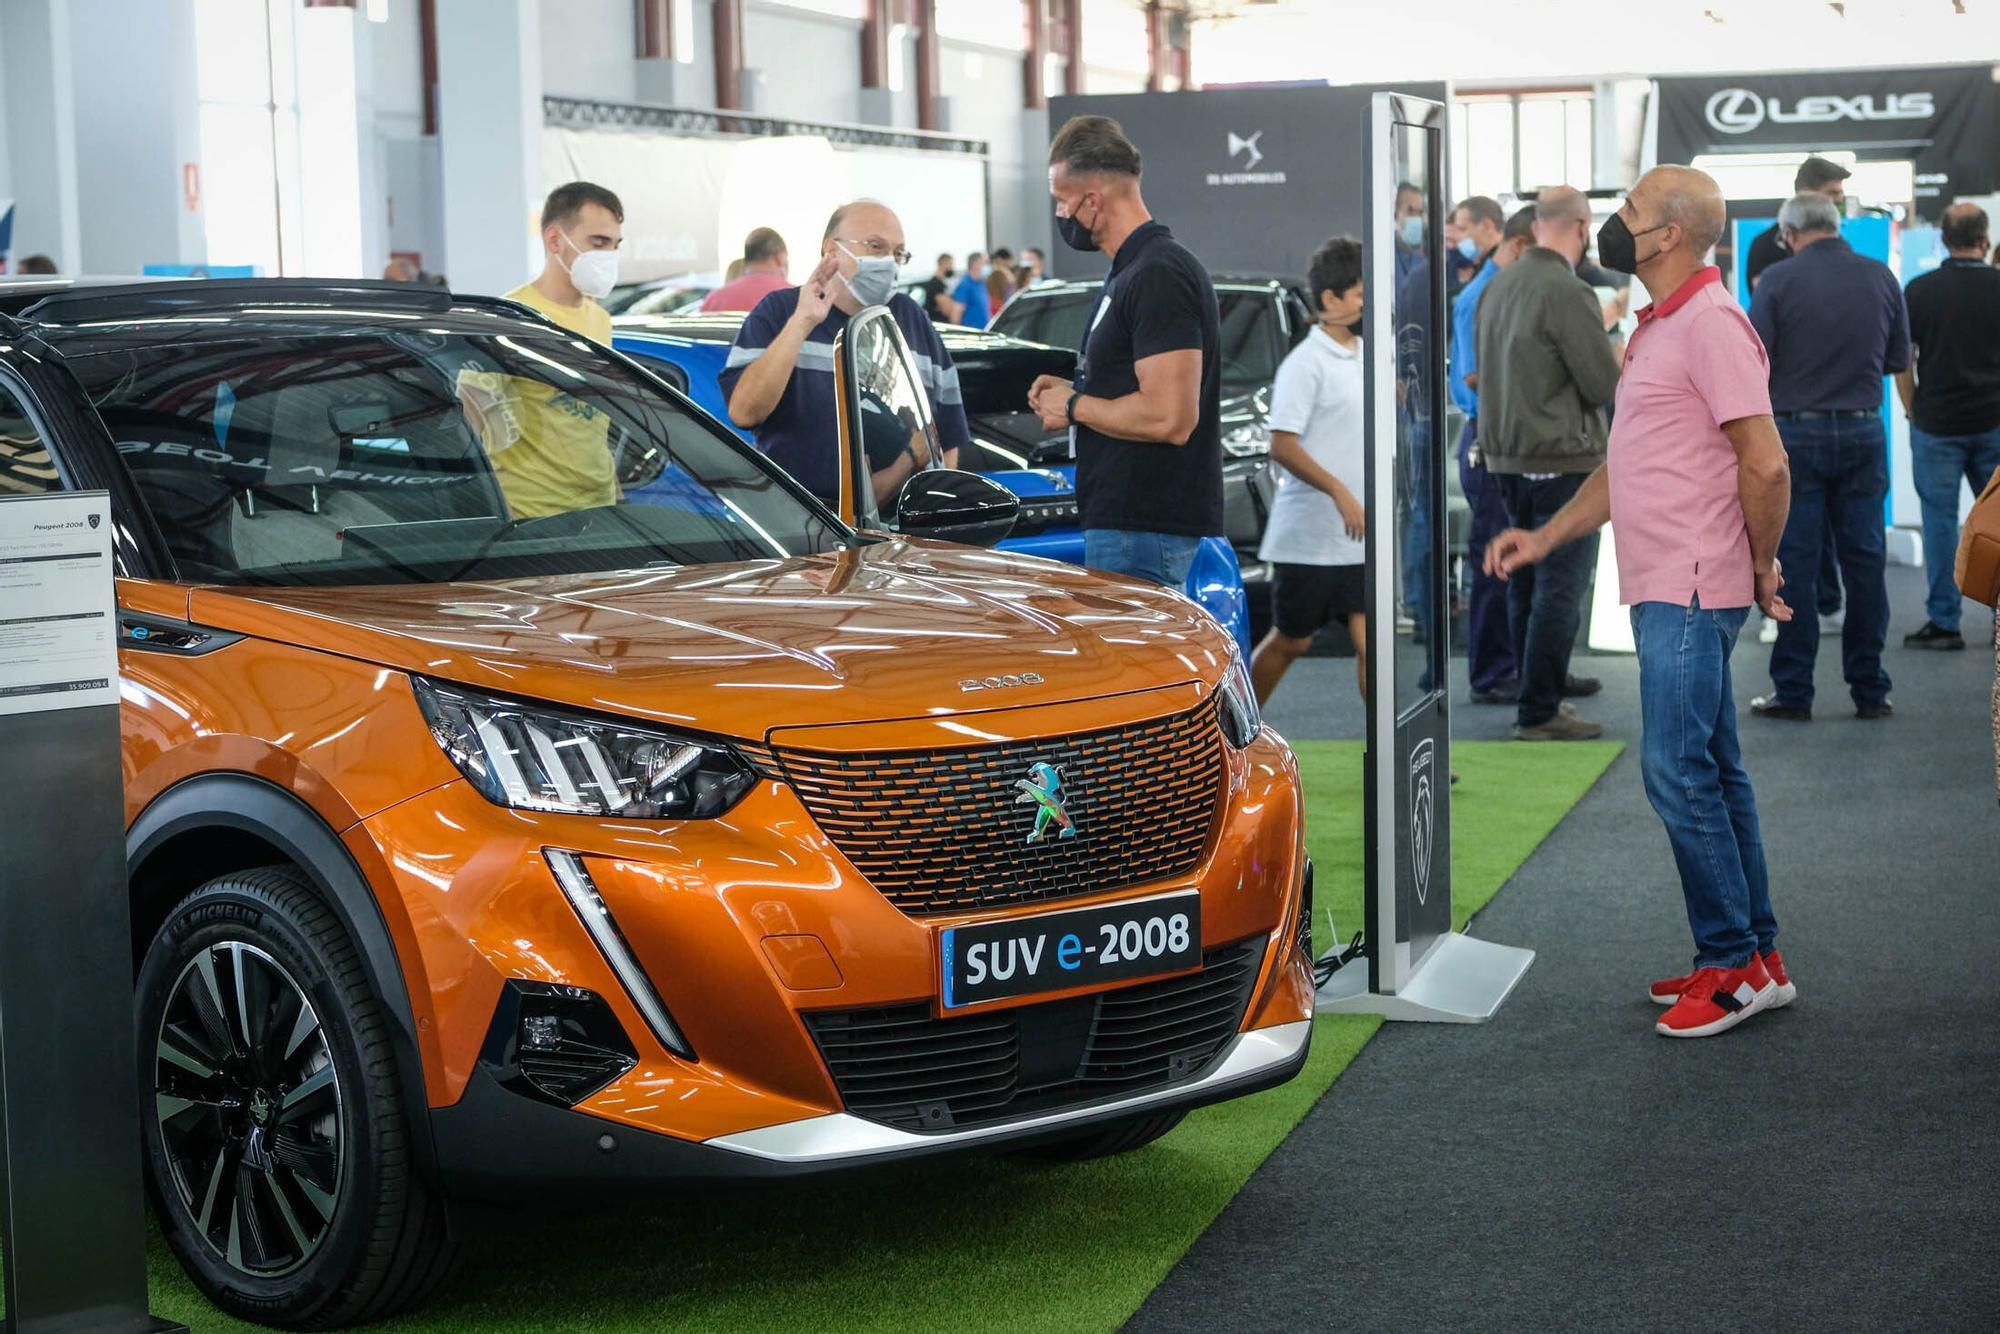 Feria del coche eléctrico en Infecar